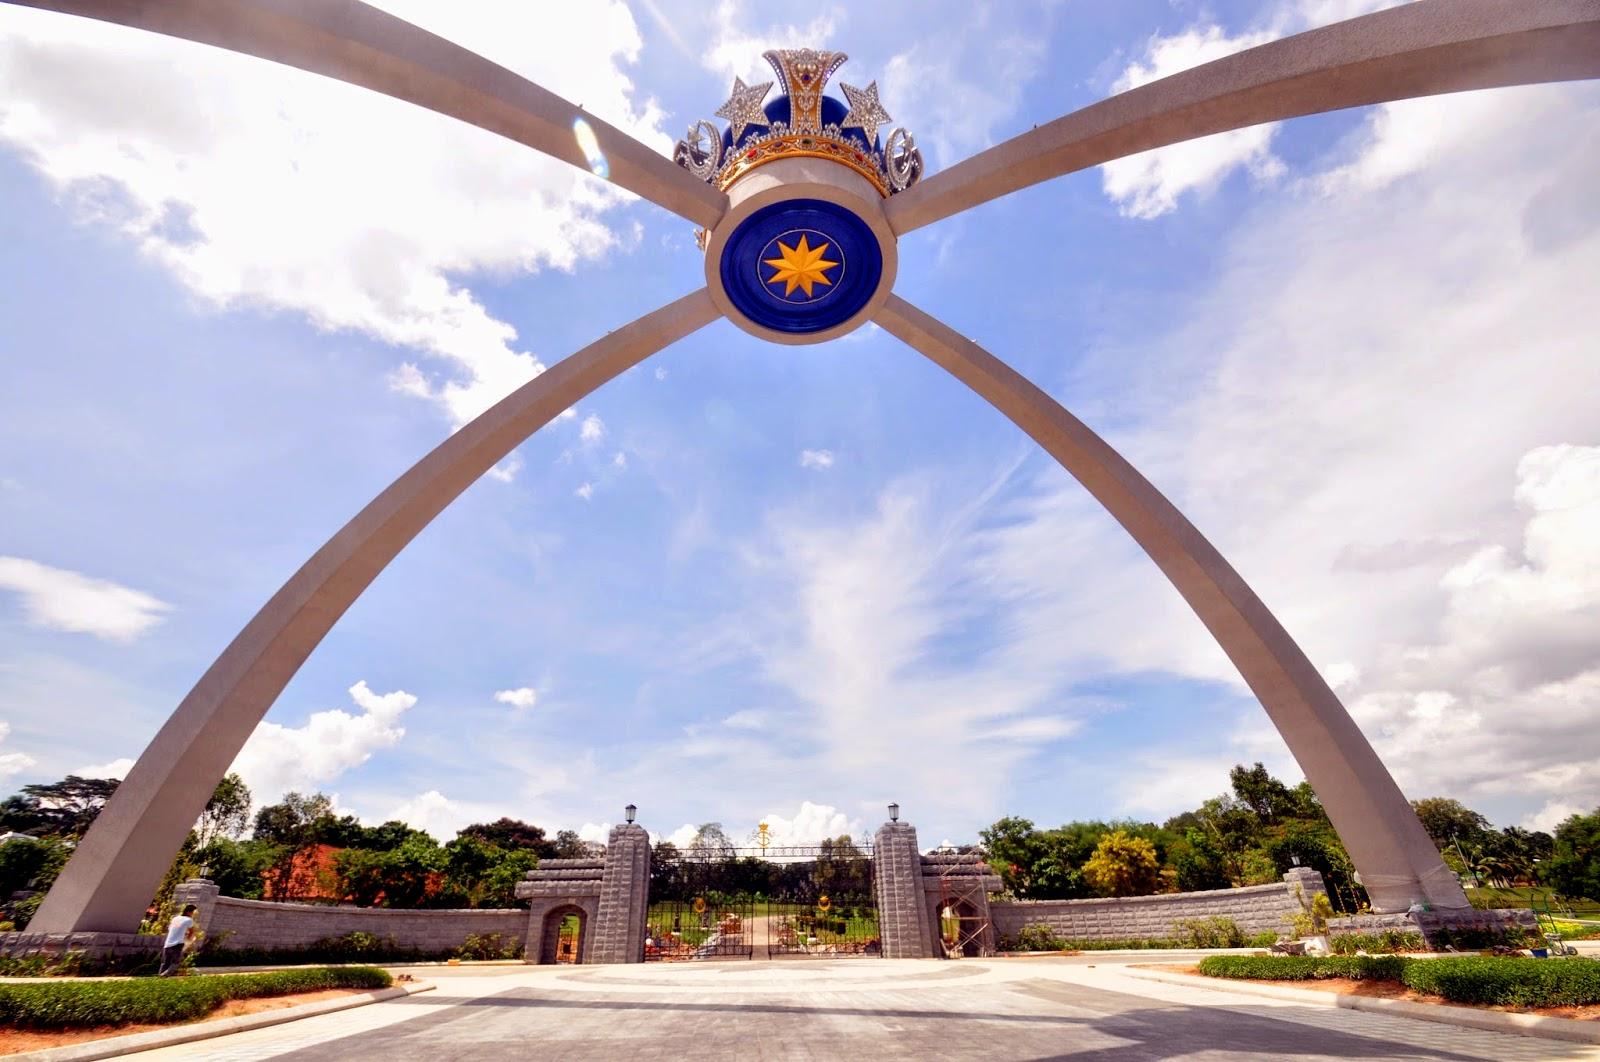 ジョホールバル・パレス前の巨大な王冠